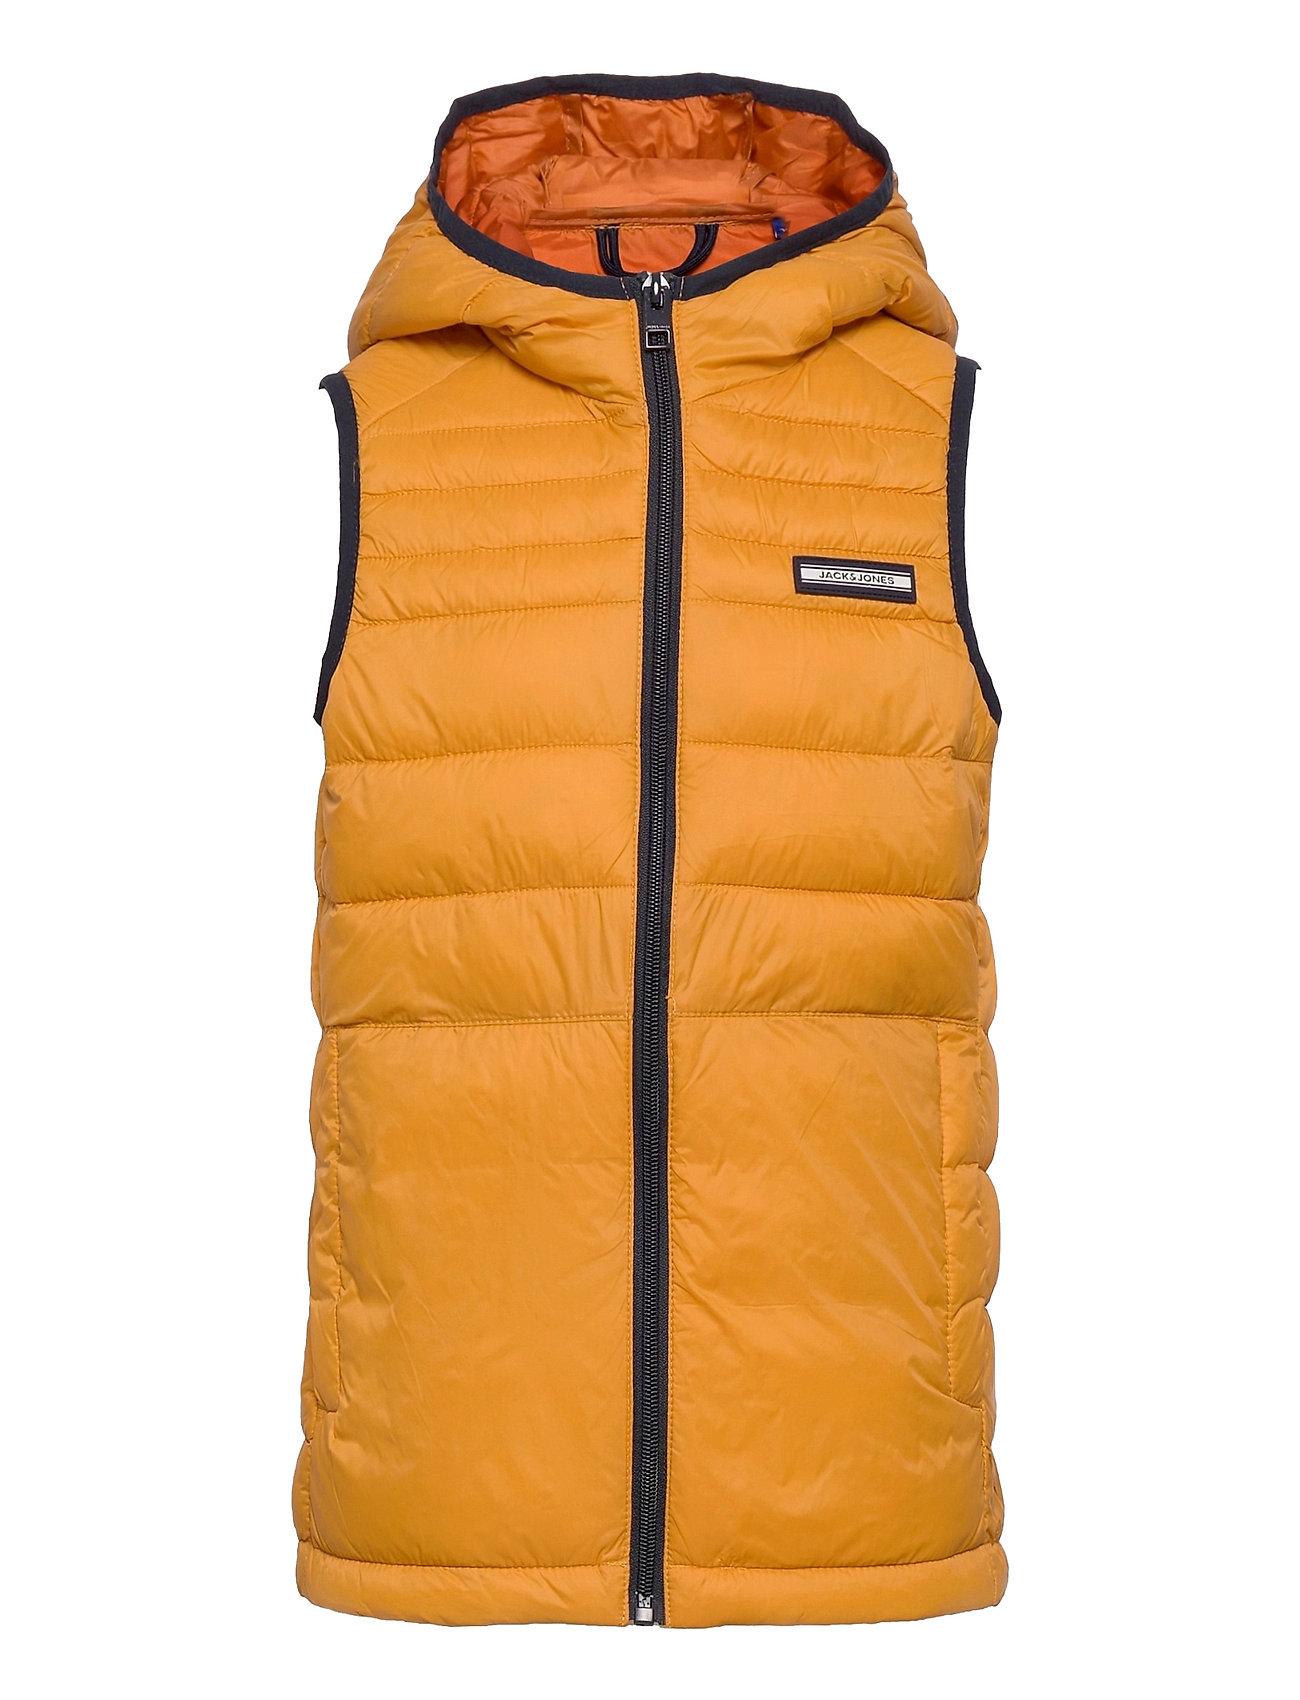 Jjeace Bodywarmer Hood Sn Jr Foret Vest Orange Jack & J S